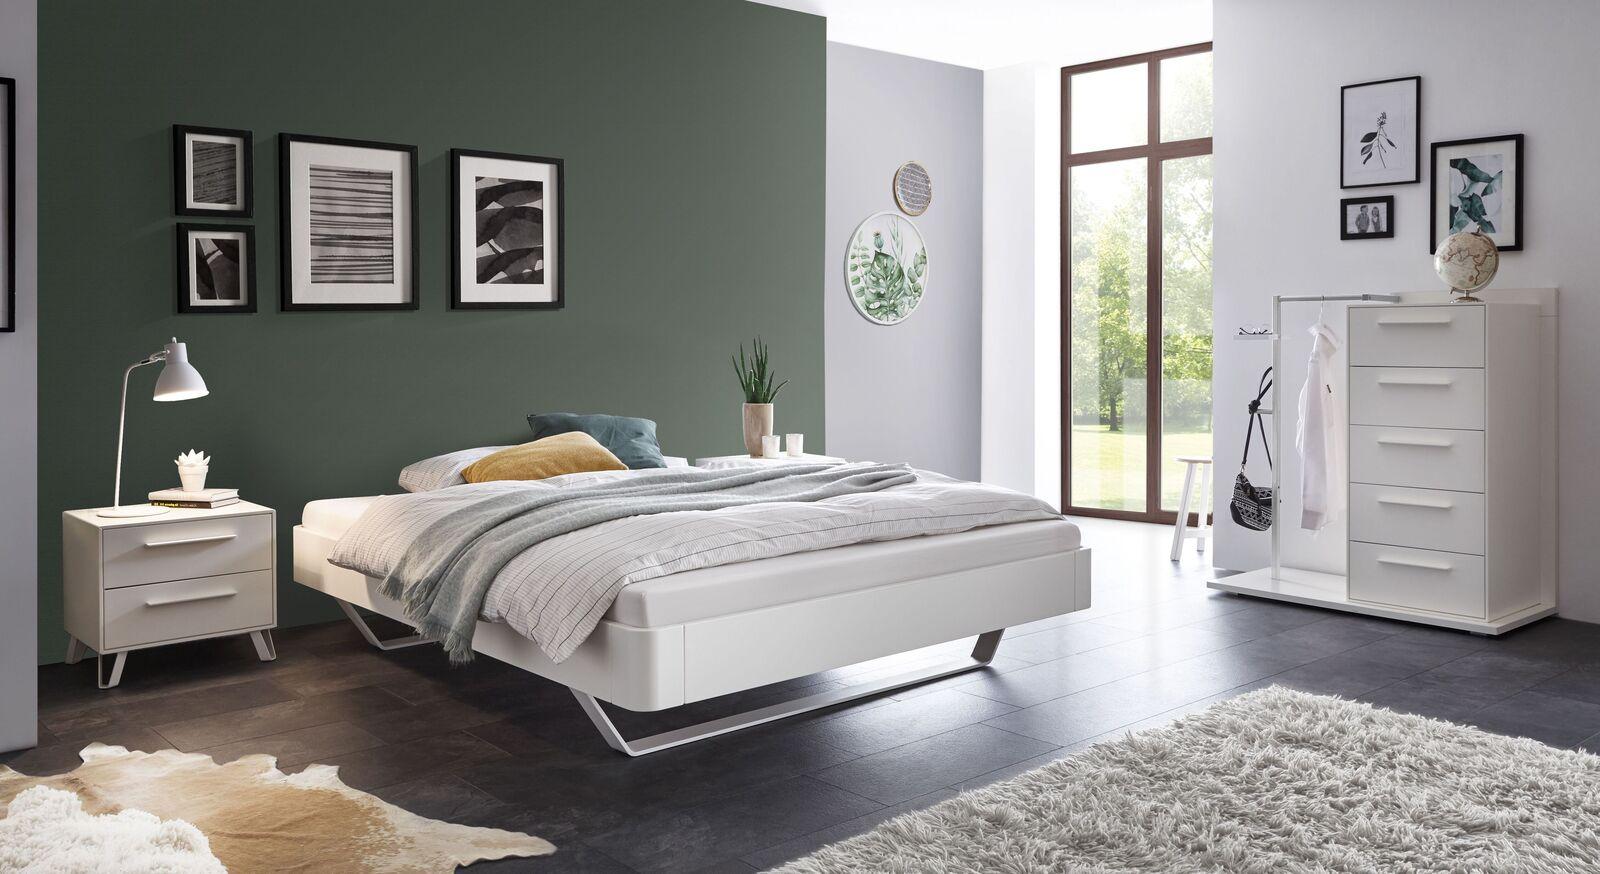 Liege Cilona mit passenden Schlafzimmermöbeln